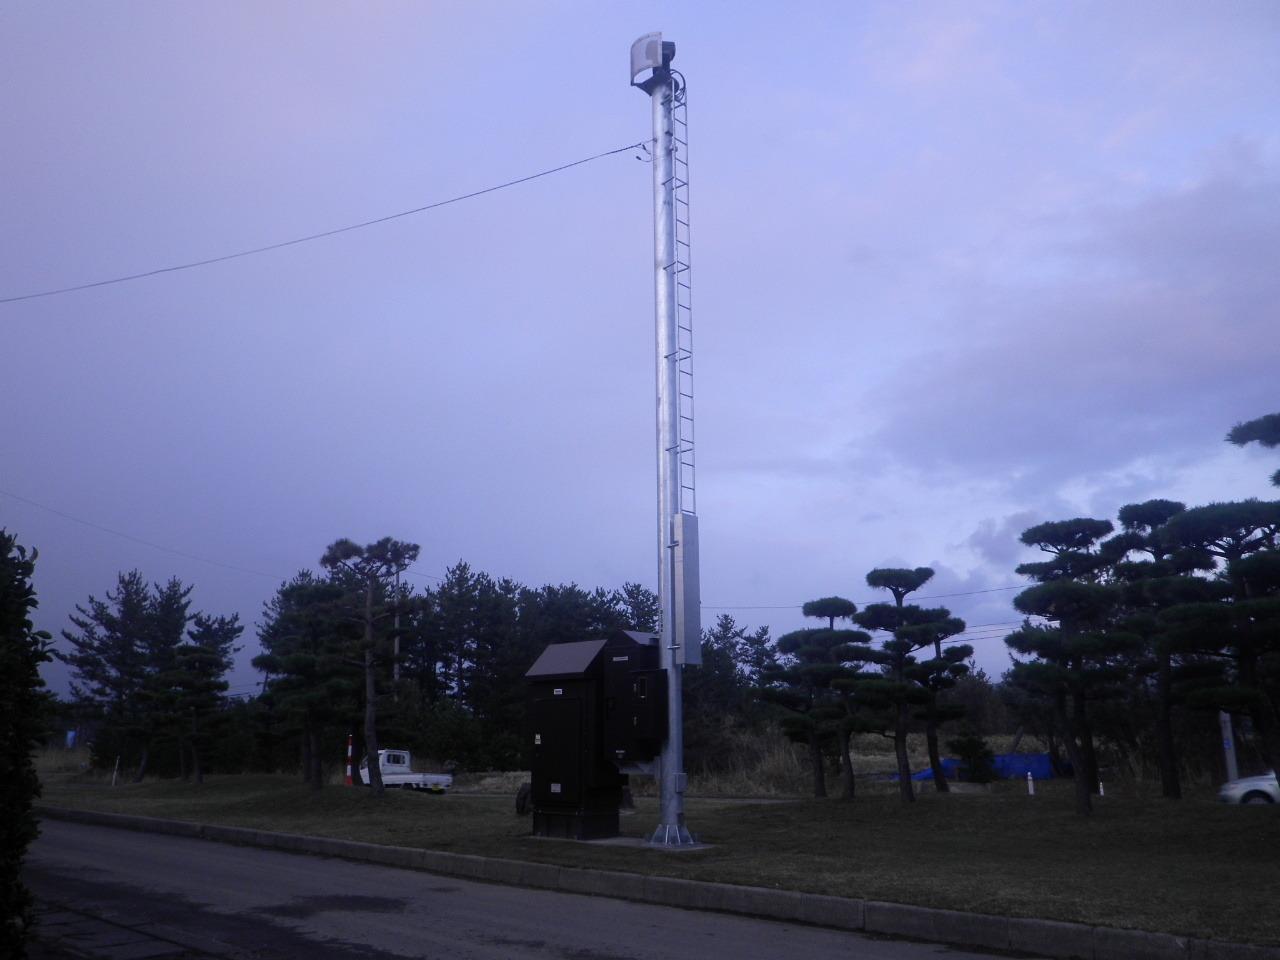 東北地方整備局 管内道路画像監視設備設置工事